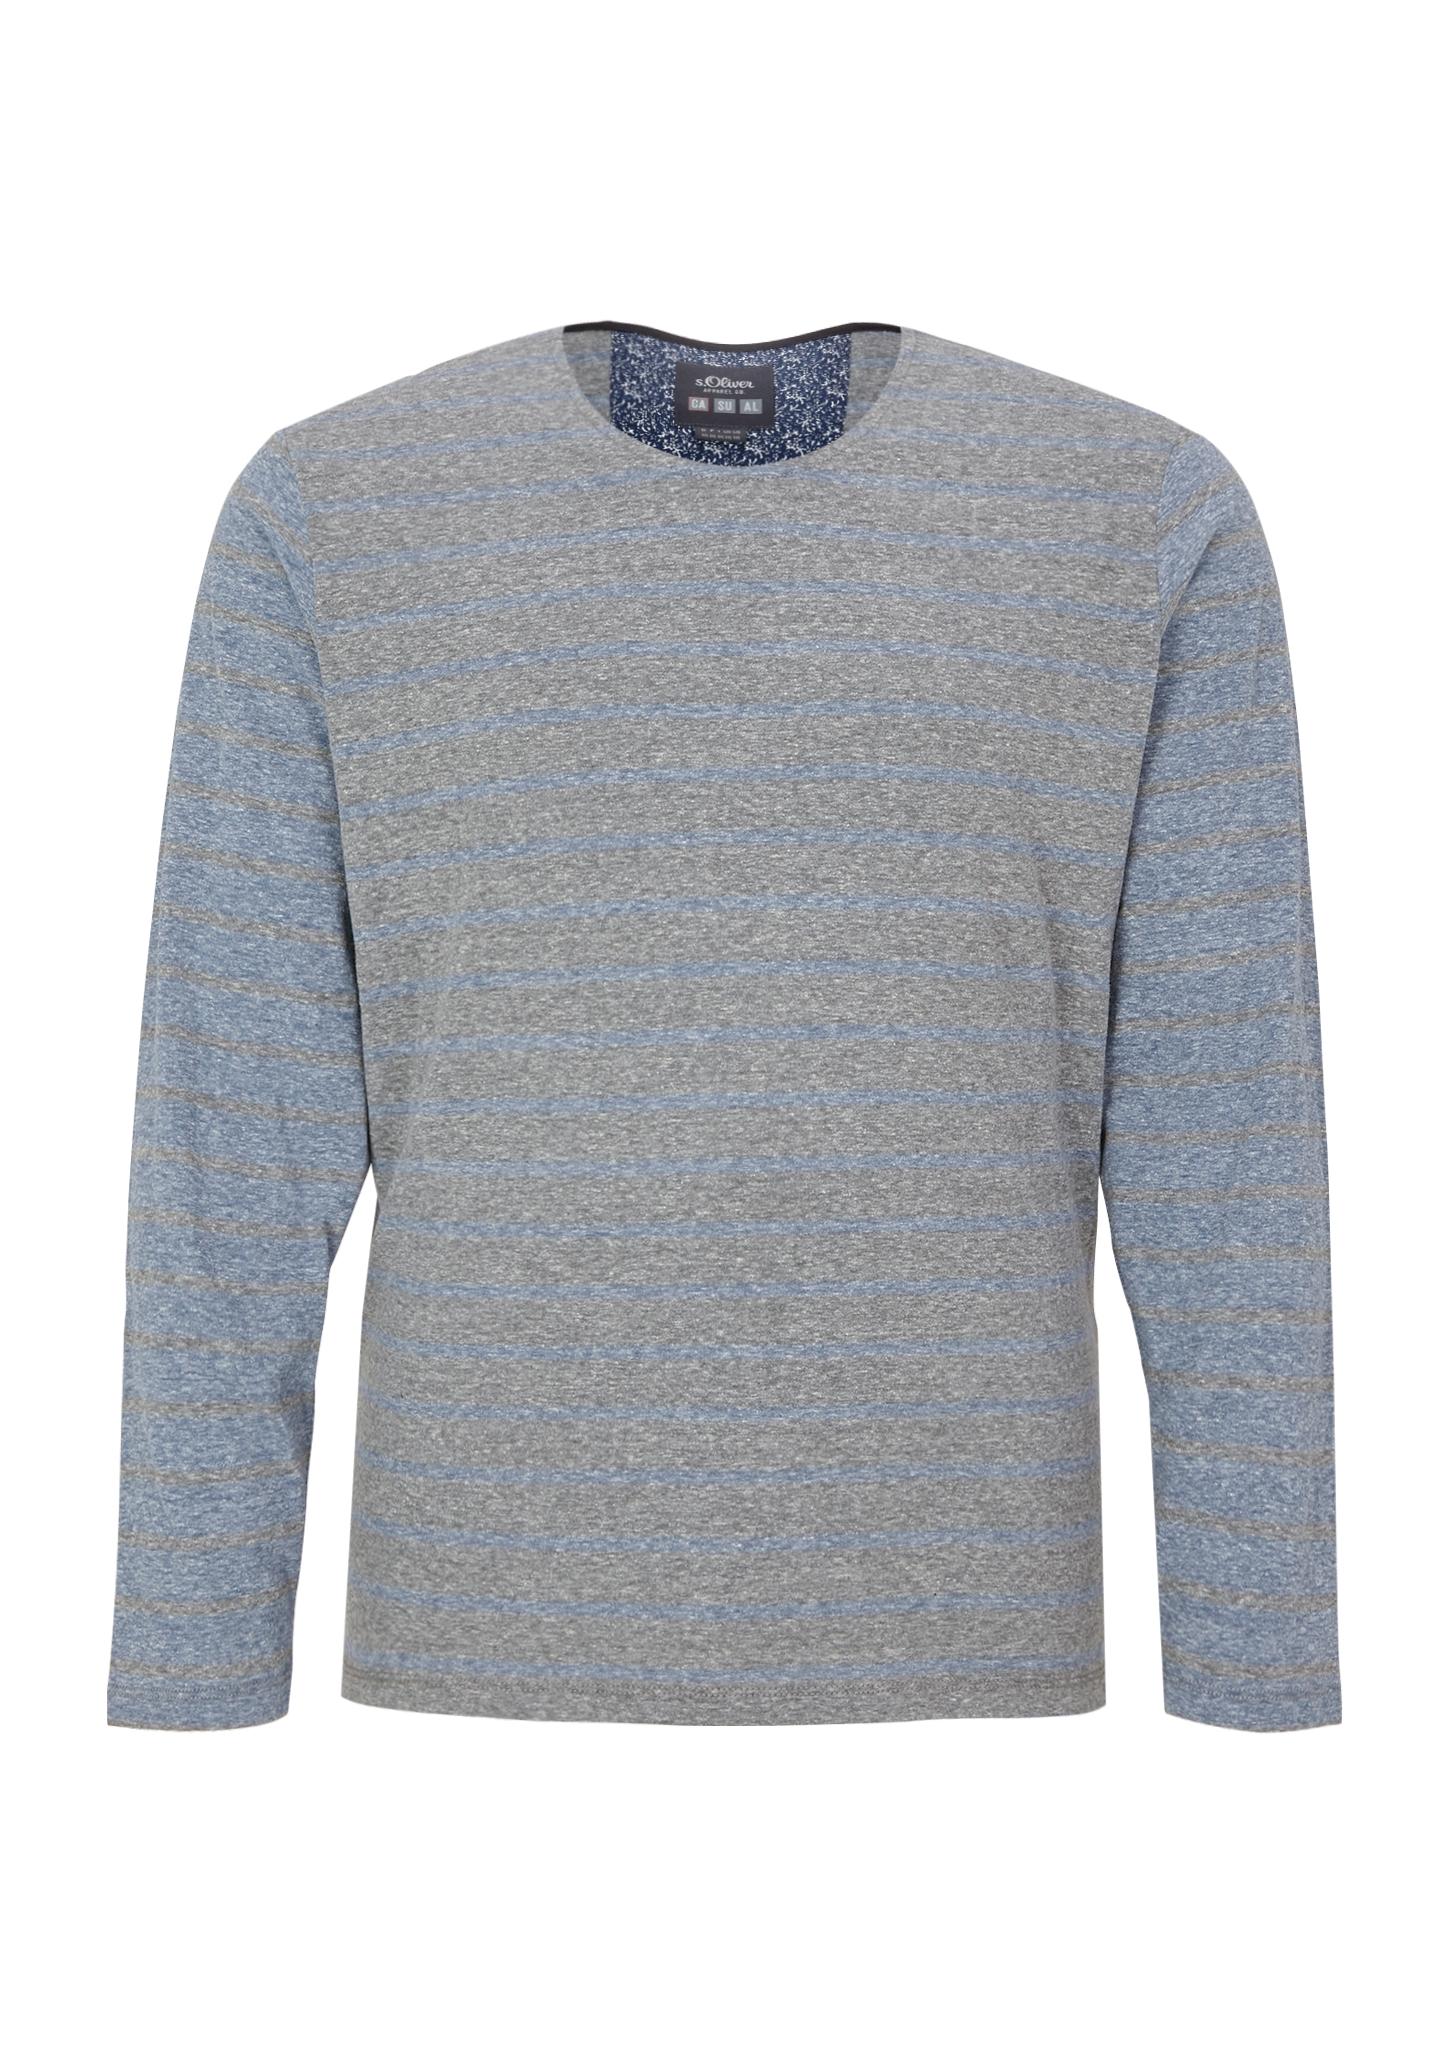 Langarmshirt | Bekleidung > Shirts > Langarm Shirts | Blau | 50% polyester -  38% baumwolle -  12% viskose | s.Oliver Men Big Sizes